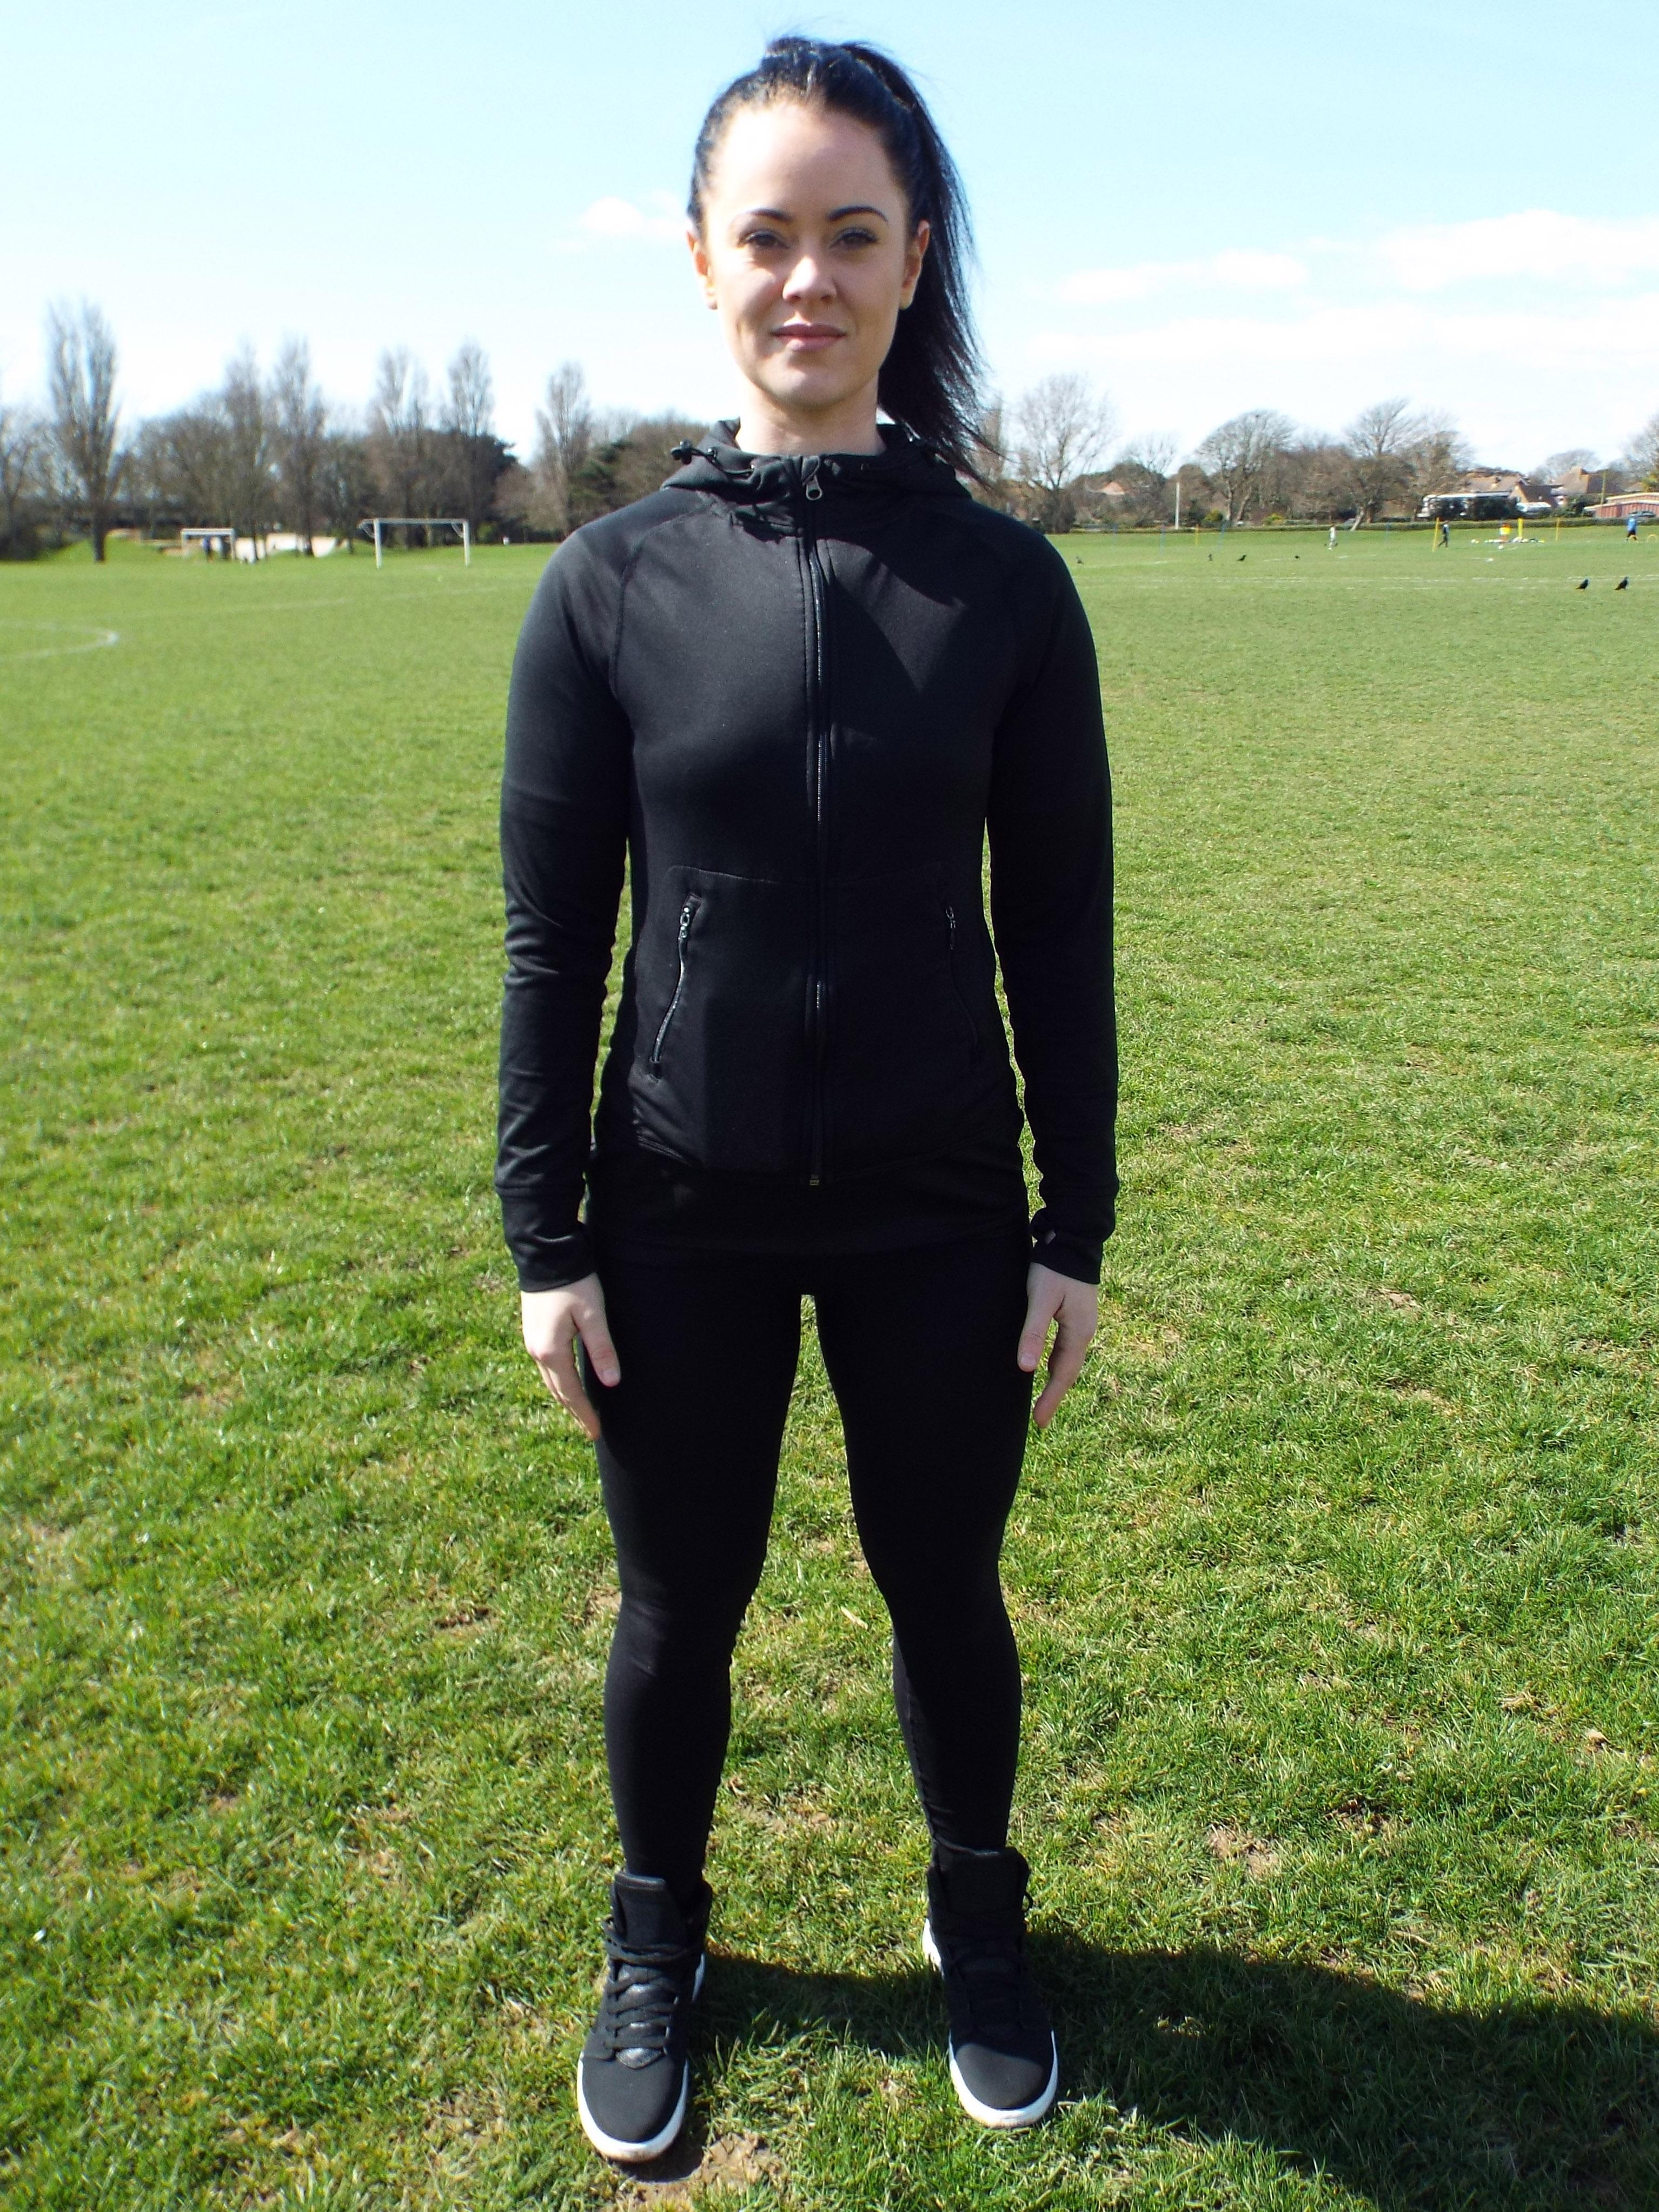 Correct stance - Feet shoulder width apart